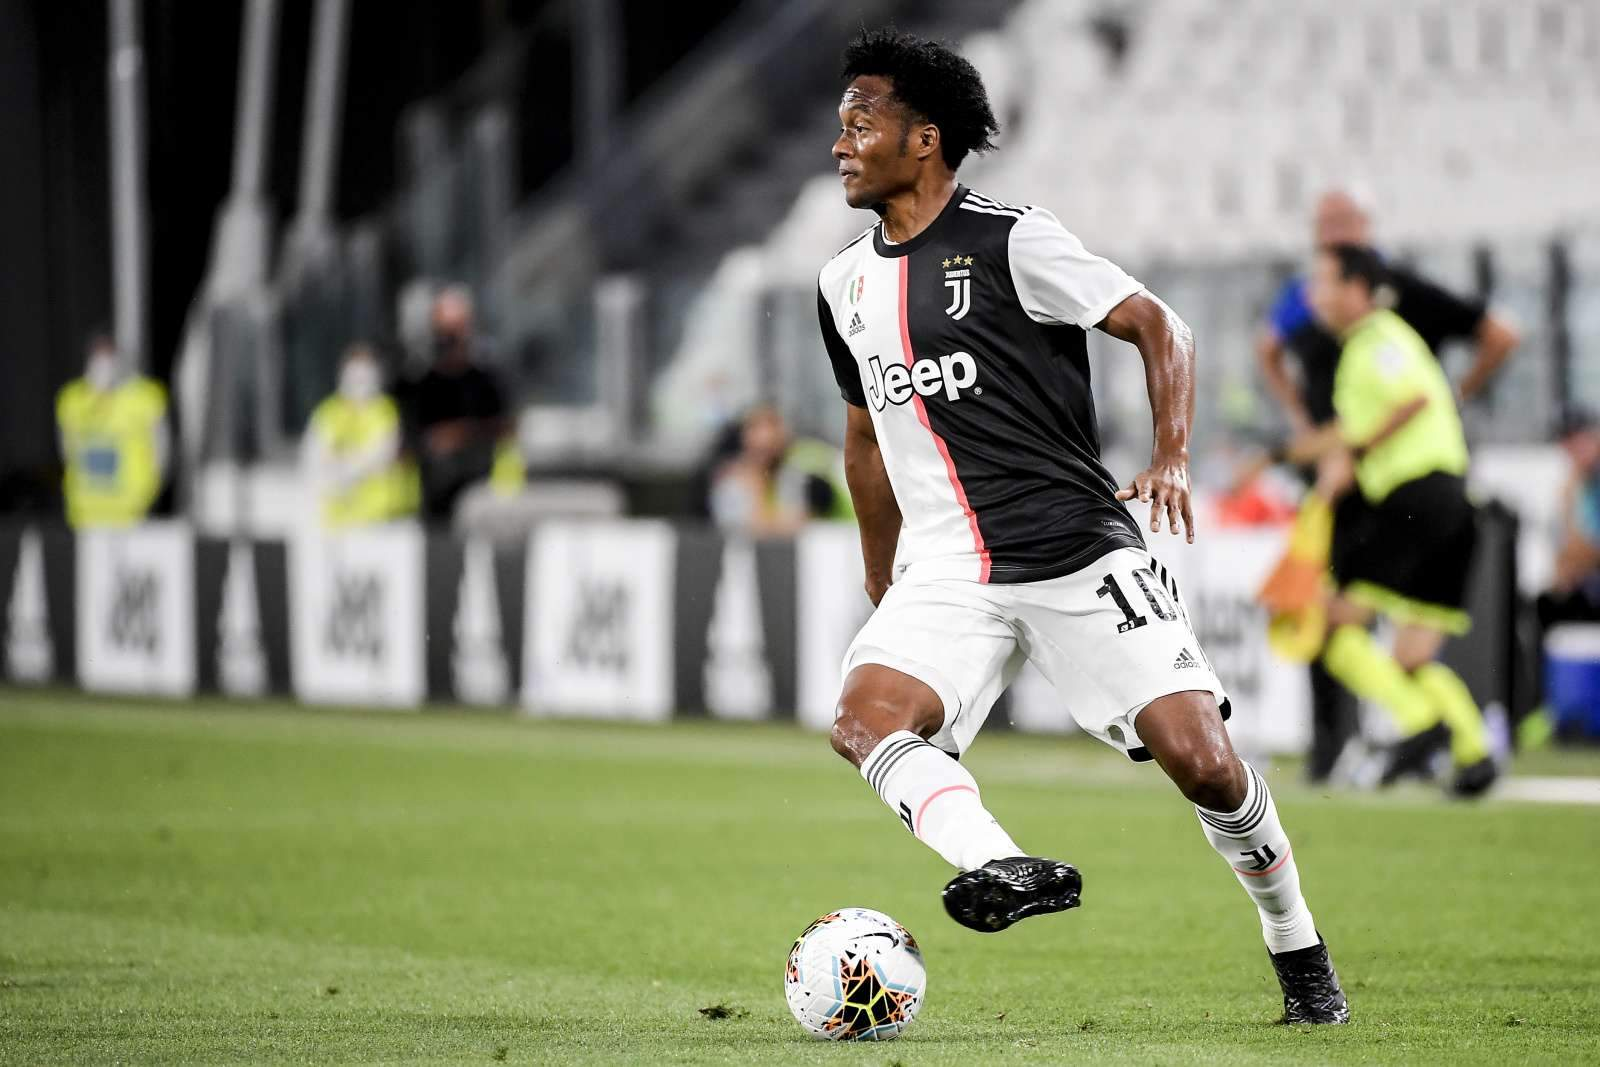 В «Ювентусе» второй случай коронавируса за два дня, впереди матч с «Миланом»